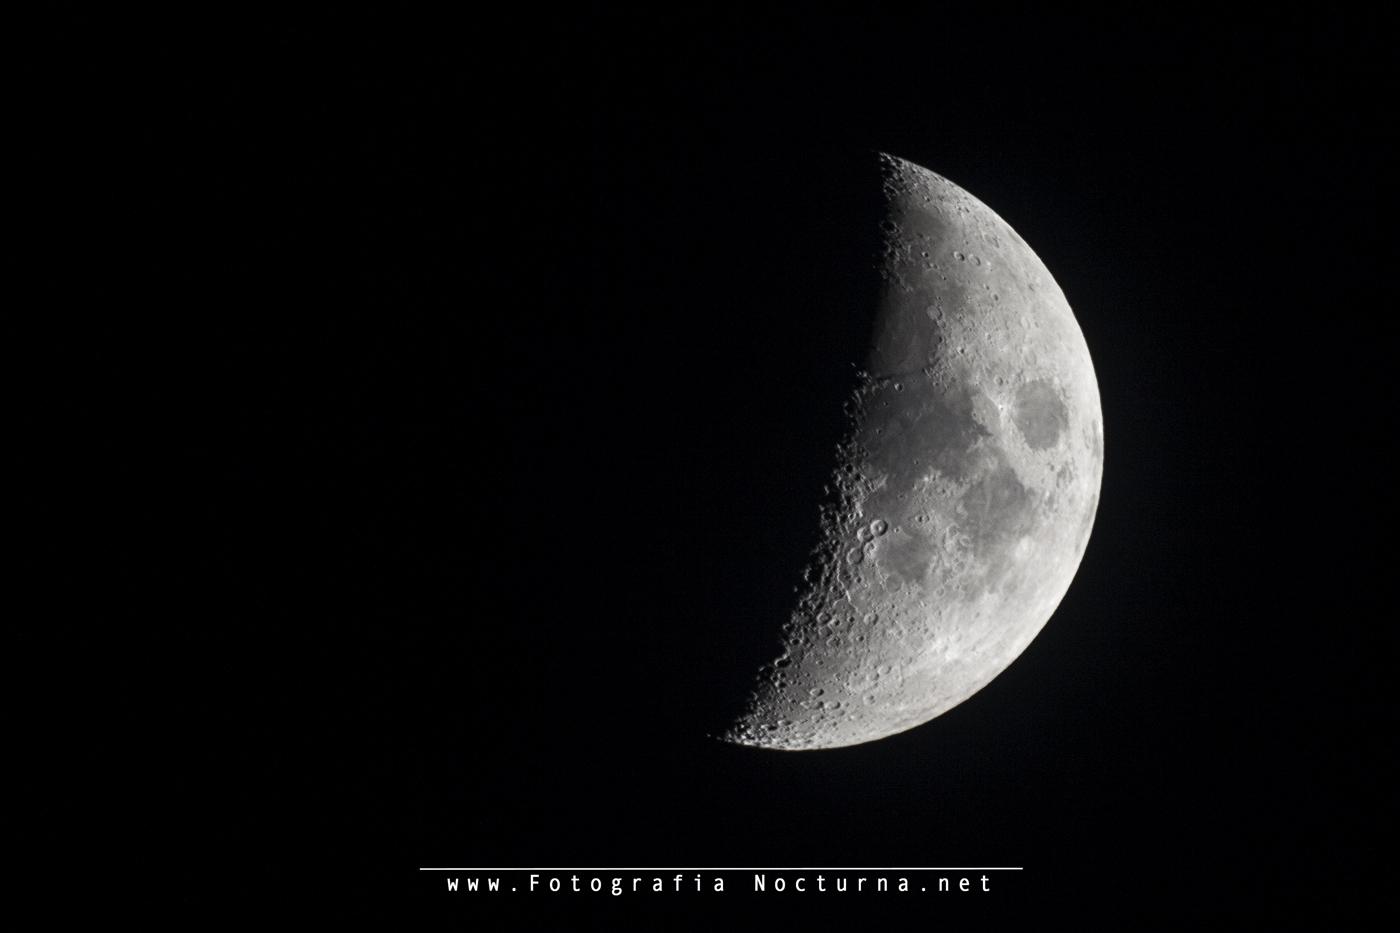 La luna en cuarto creciente